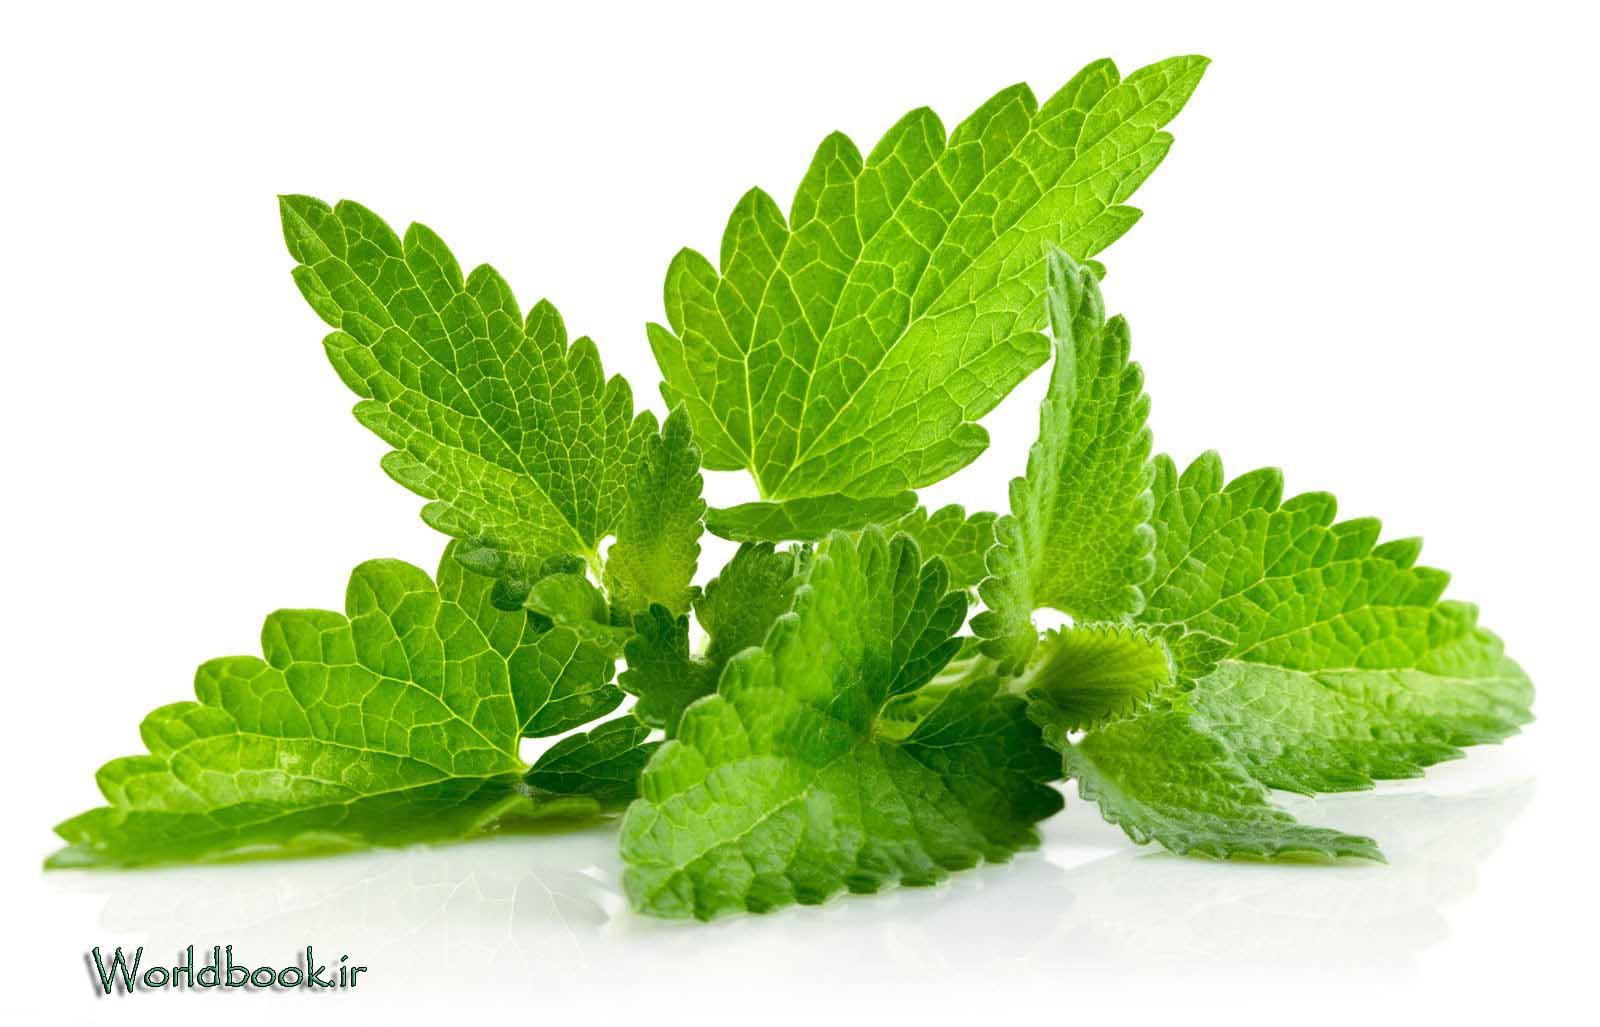 تصویر از نعناع گیاهی با خواص دارویی شگفت انگیز